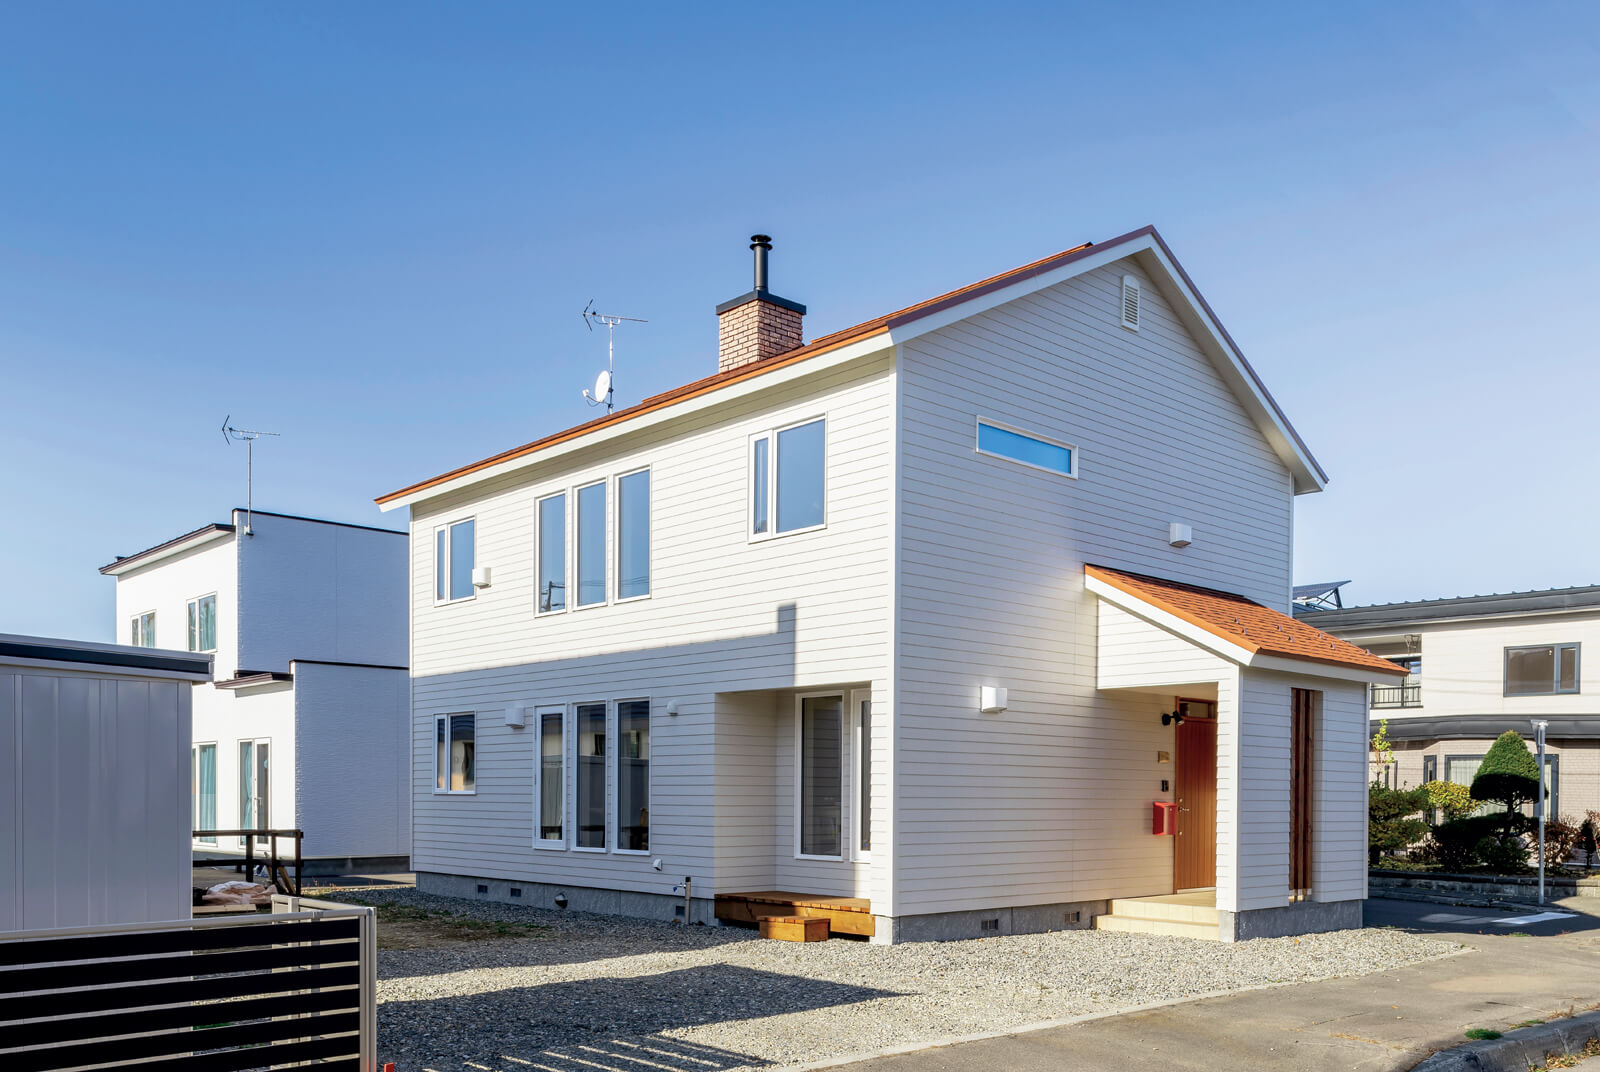 切妻屋根のシンプルな外観デザインは、長持ちする家づくりを目指す岡本建設ならでは。外壁と屋根には防火性に優れた素材を採用している